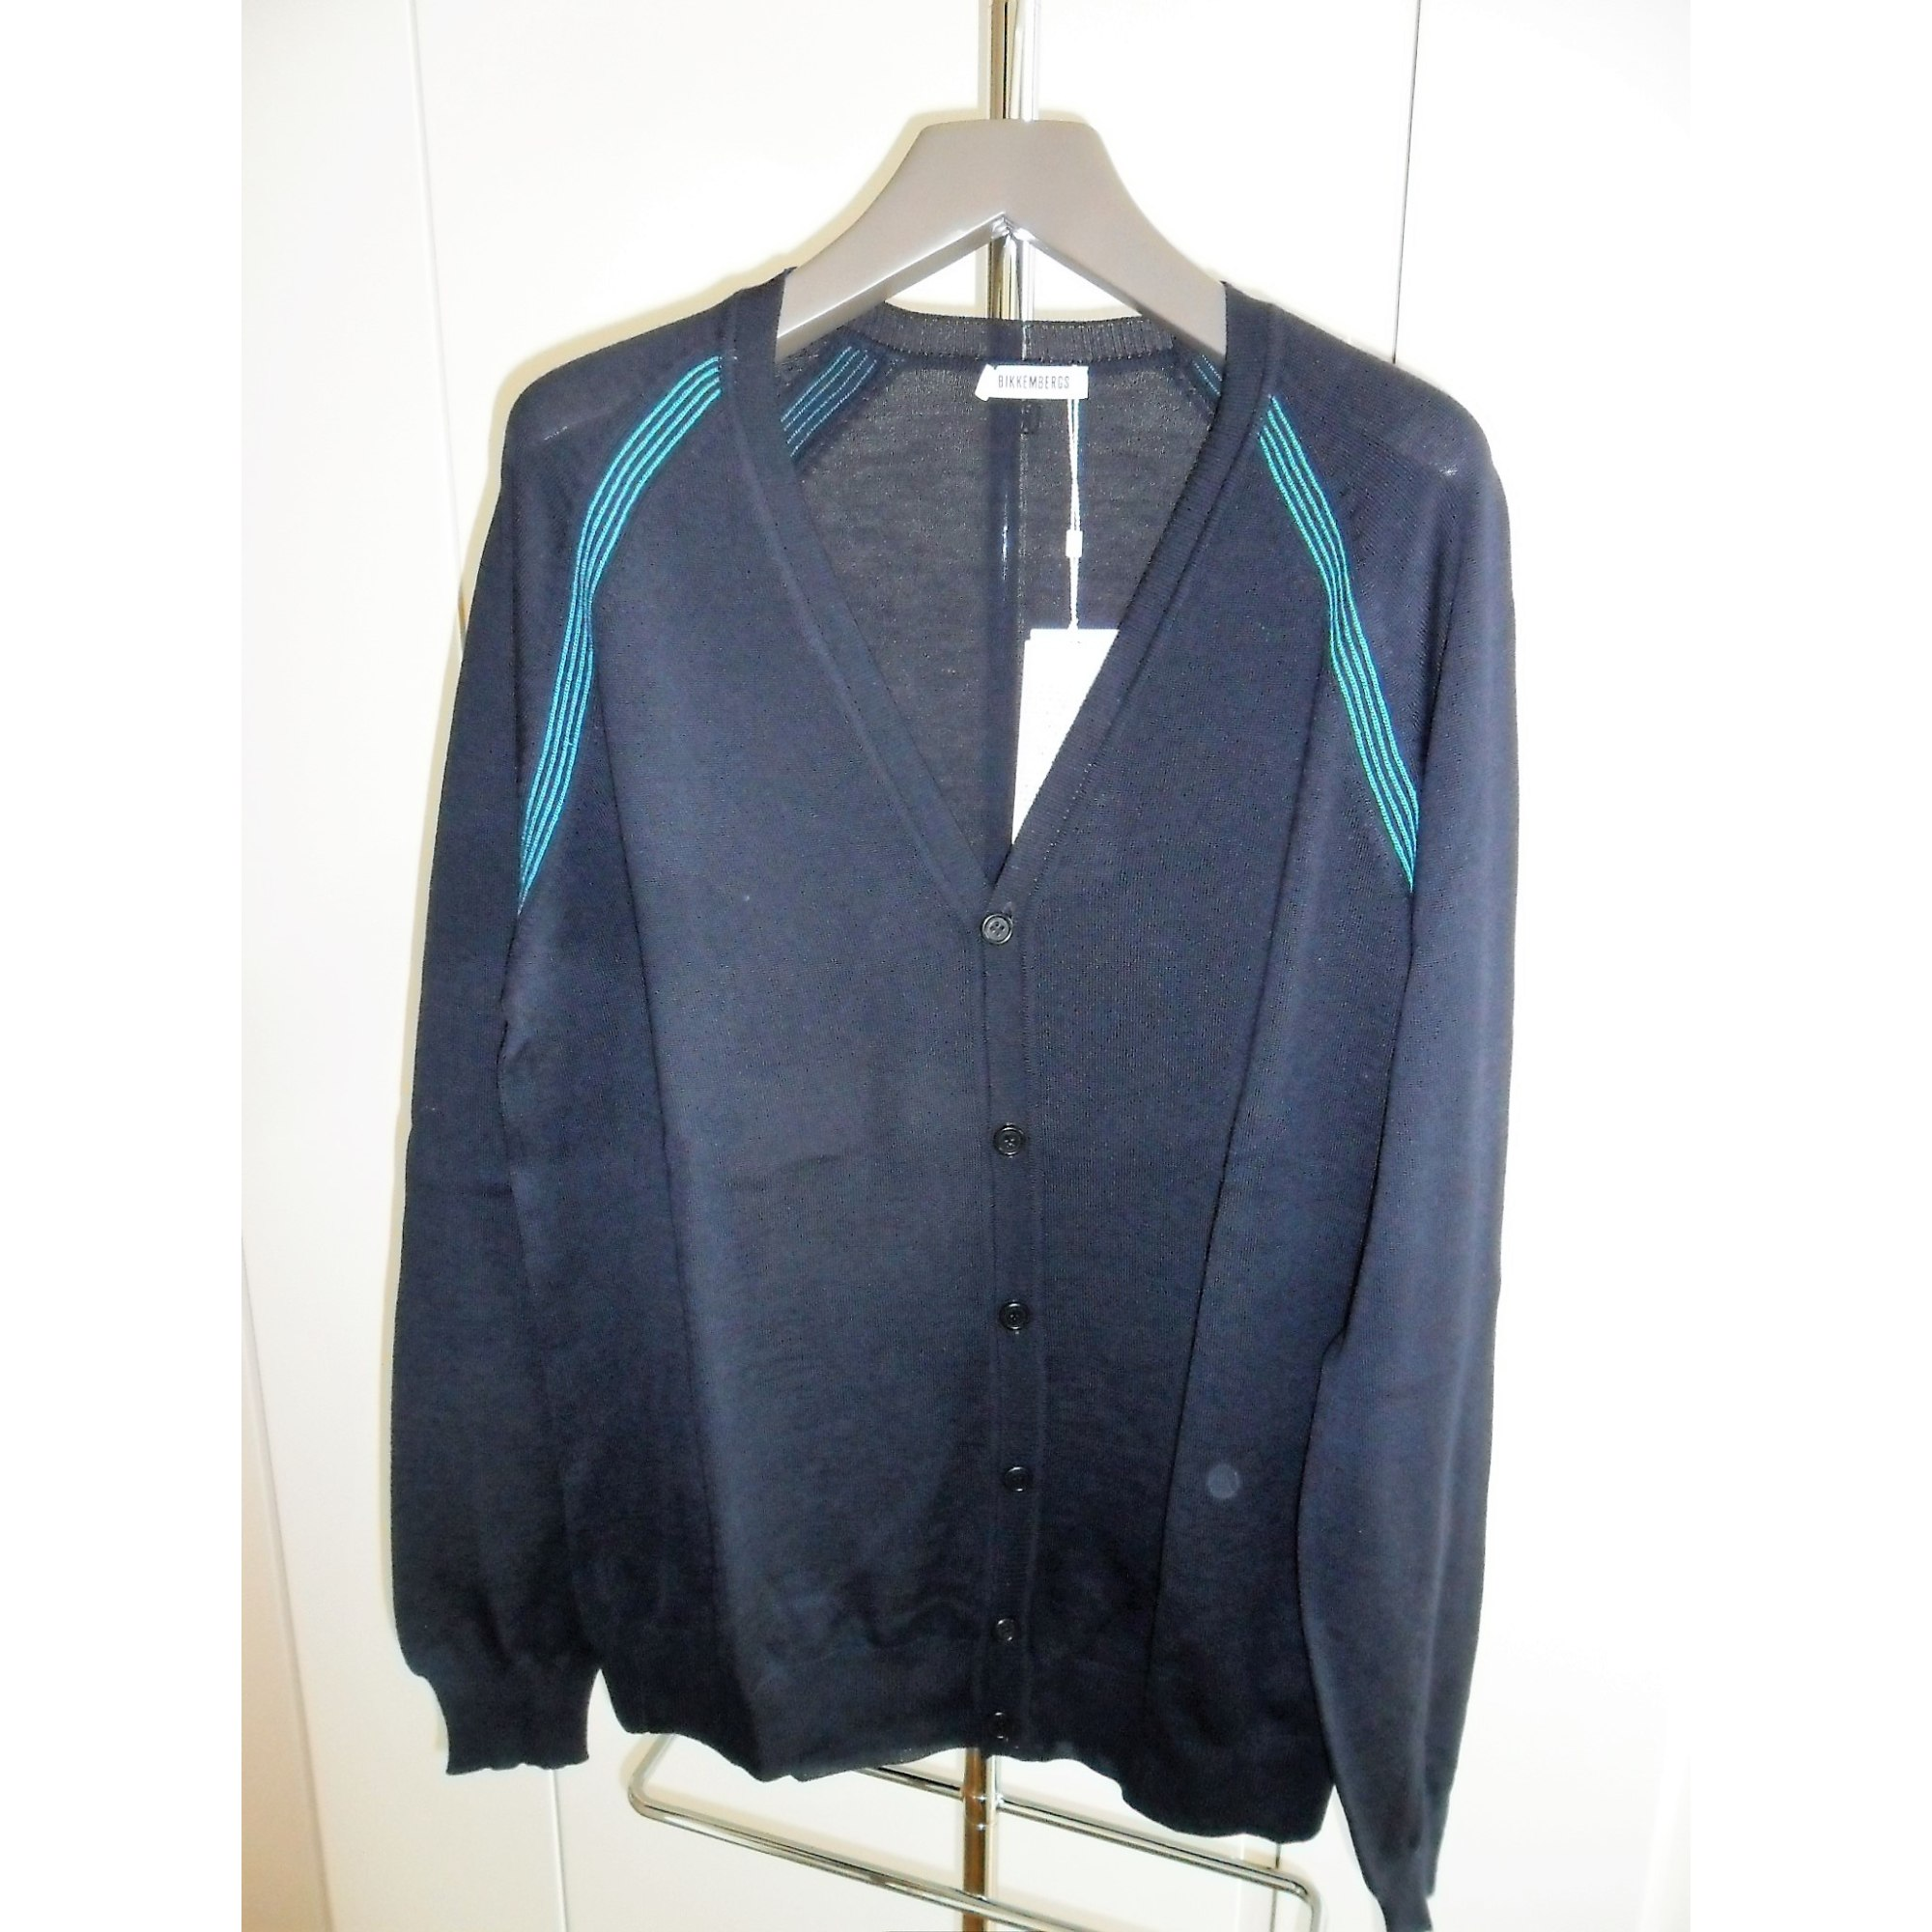 Gilet, cardigan DIRK BIKKEMBERGS Bleu, bleu marine, bleu turquoise